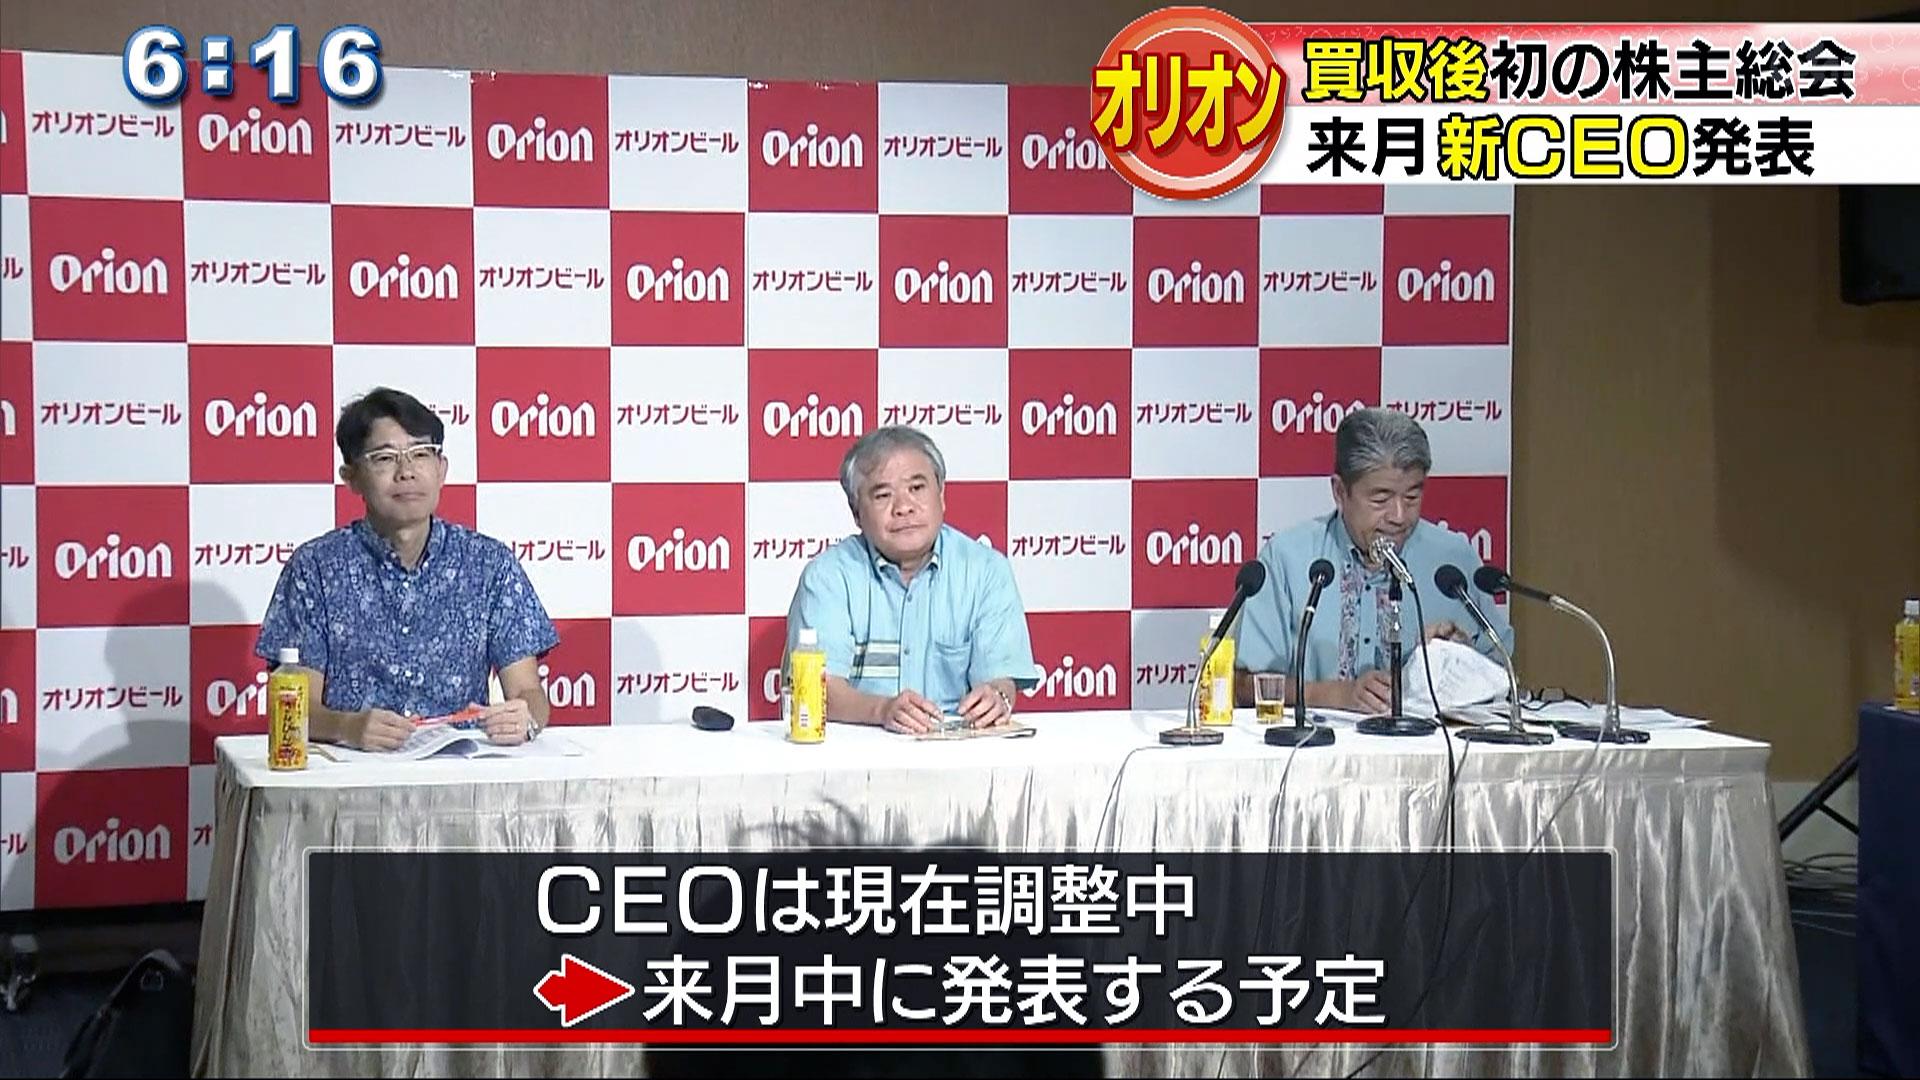 オリオンビール 7月に外部CEO誕生